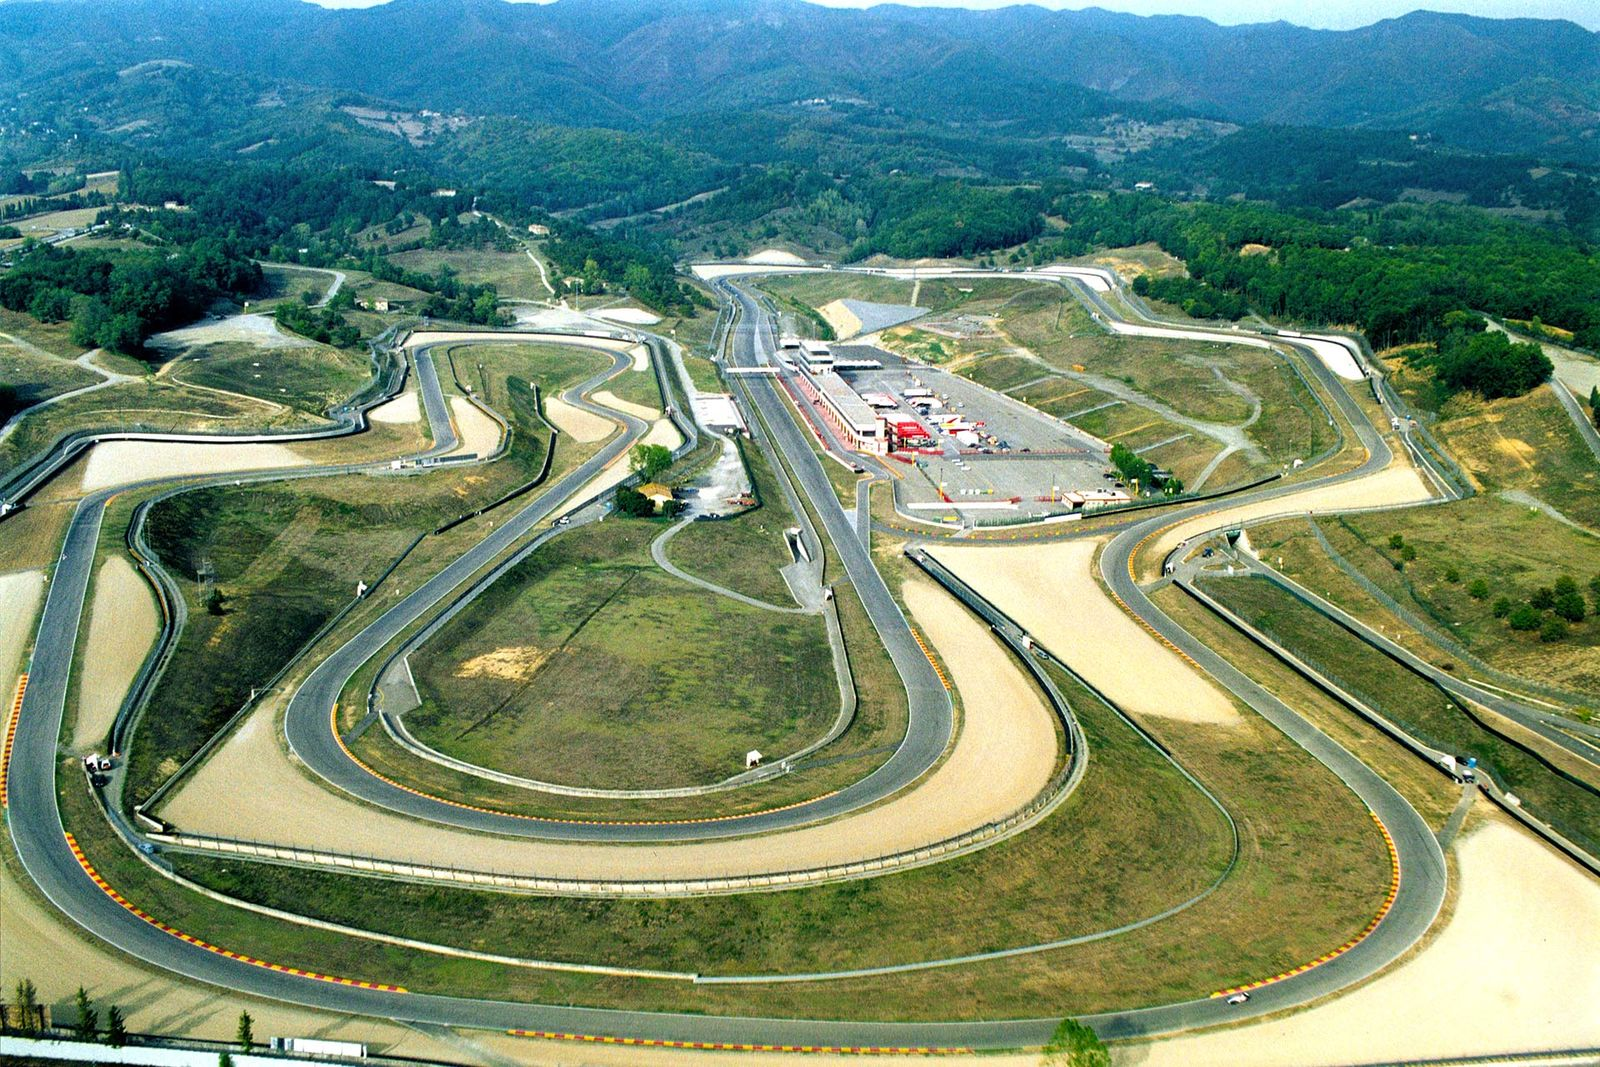 Circuito Del Mugello : Autodromo del mugello